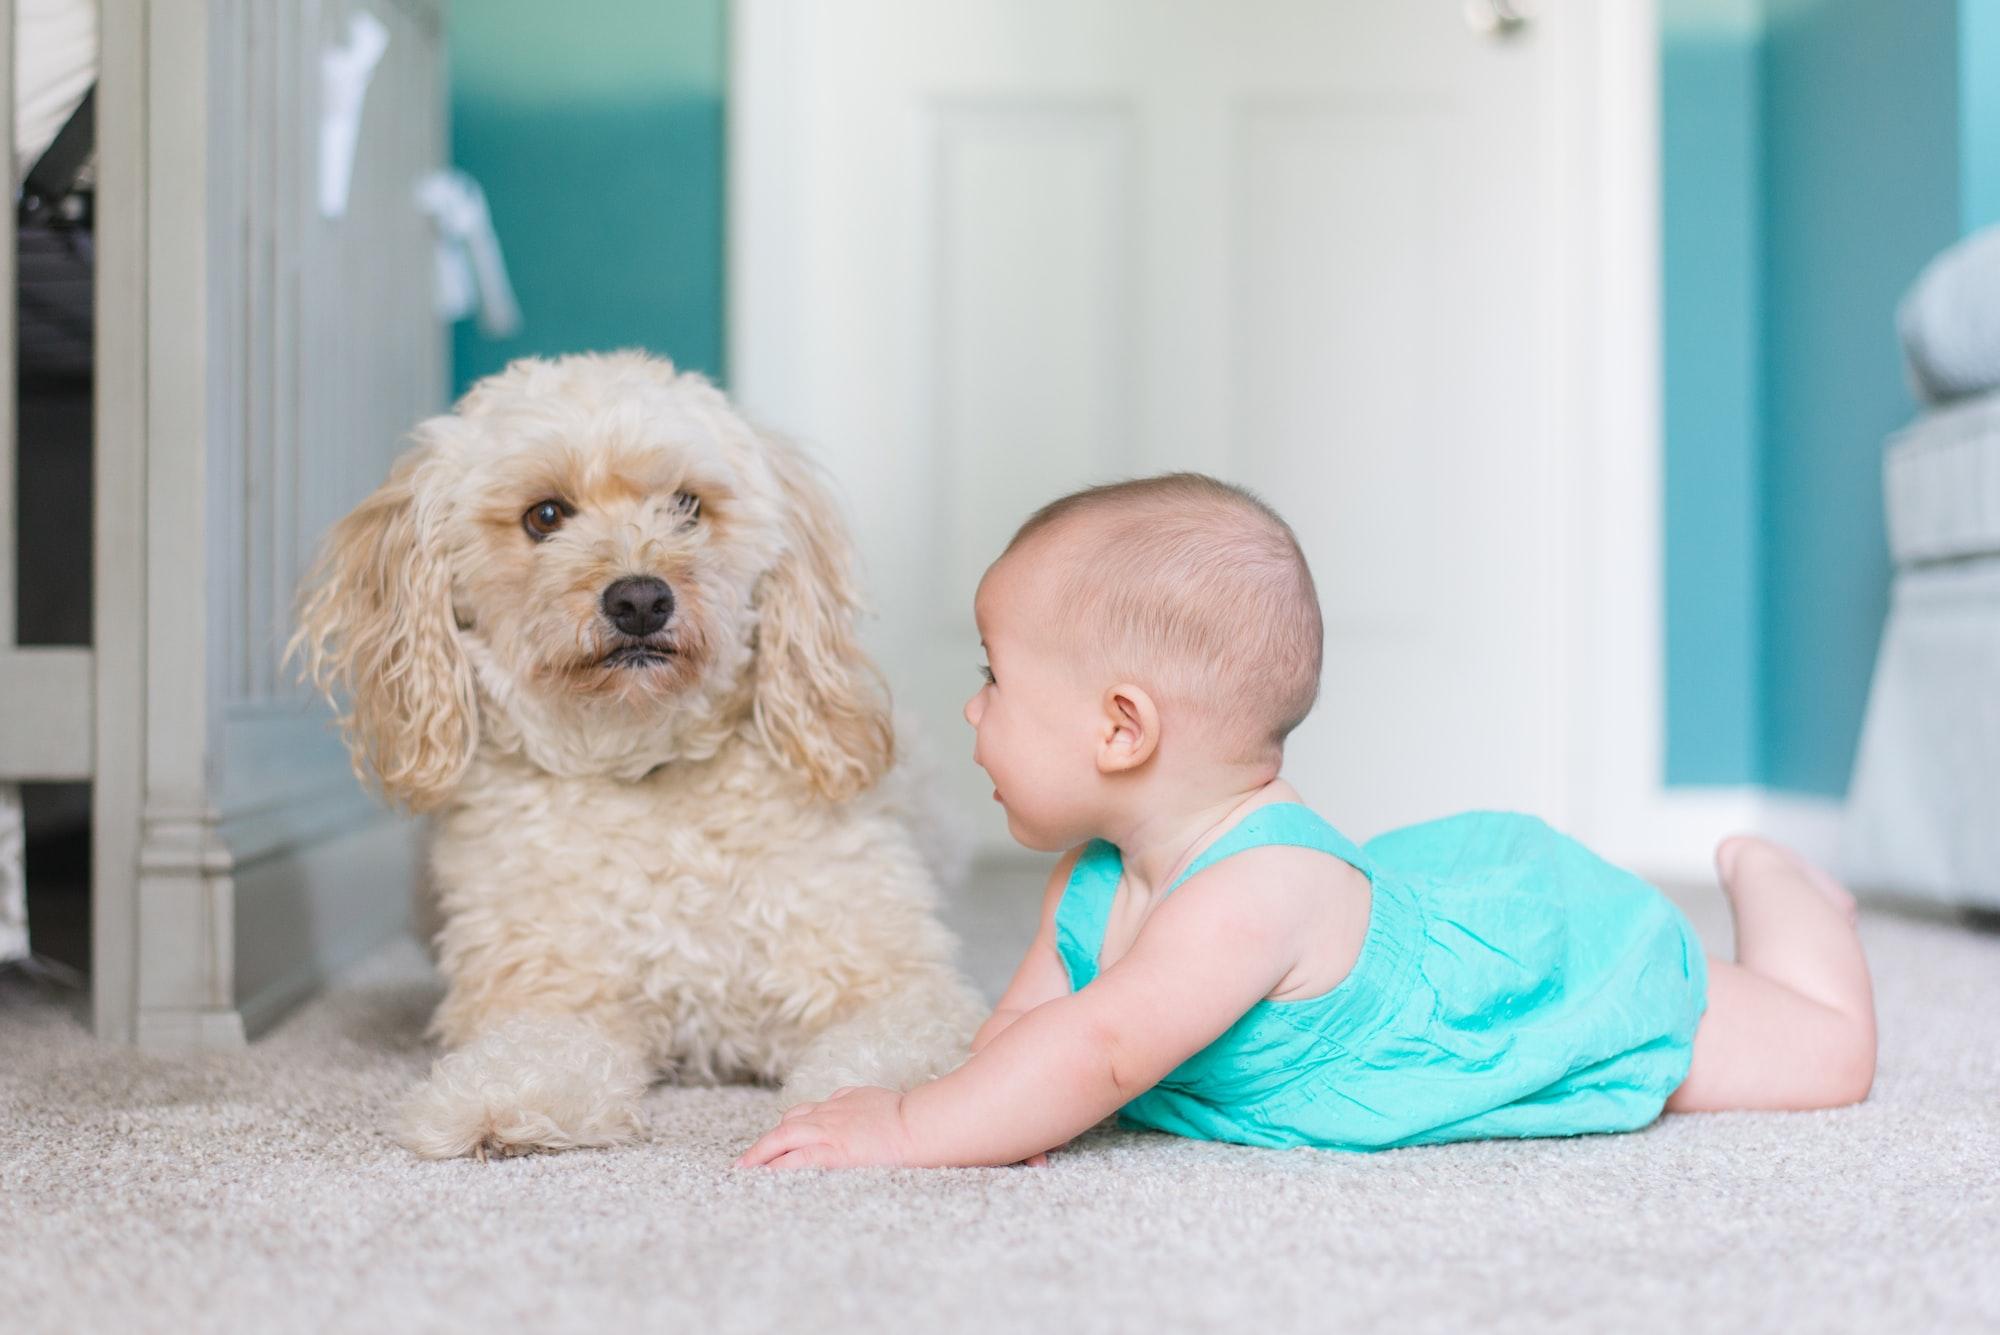 Neonato e cane, come comportarsi?